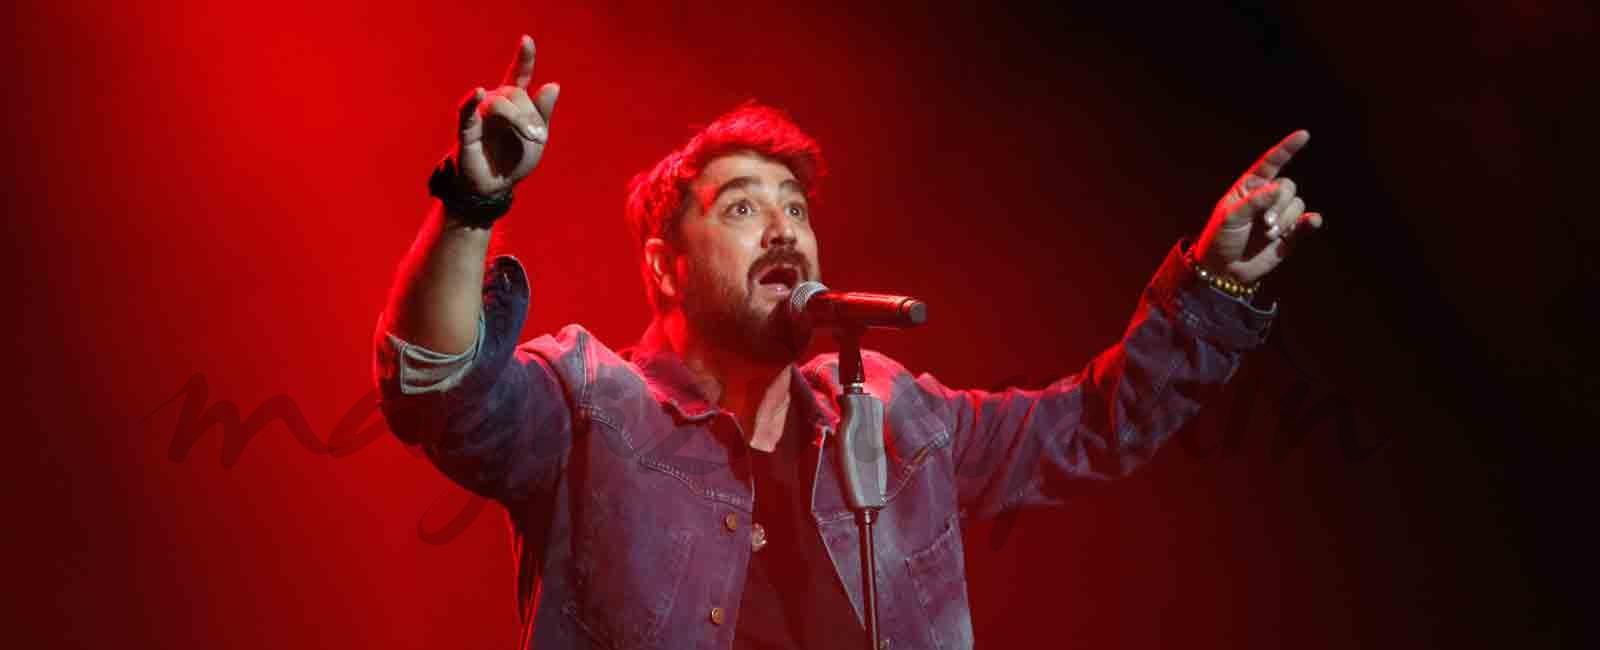 Antonio Orozco regresa a los escenarios tras el fallecimiento de su ex